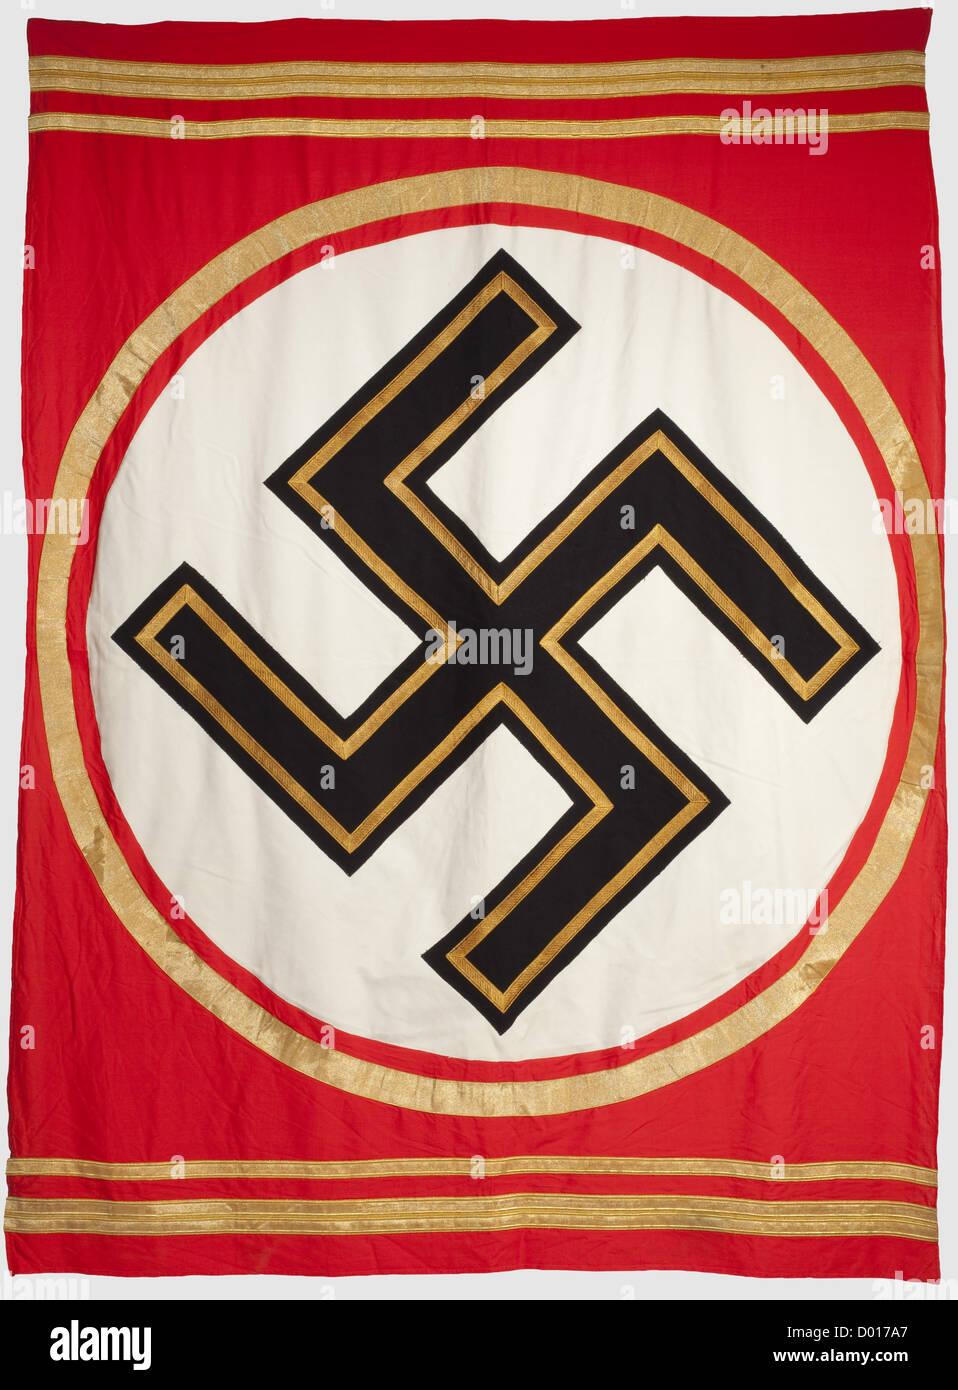 Eine Grosse Decke Für Einen Lautsprecher Oder Als Wandschmuck Rote